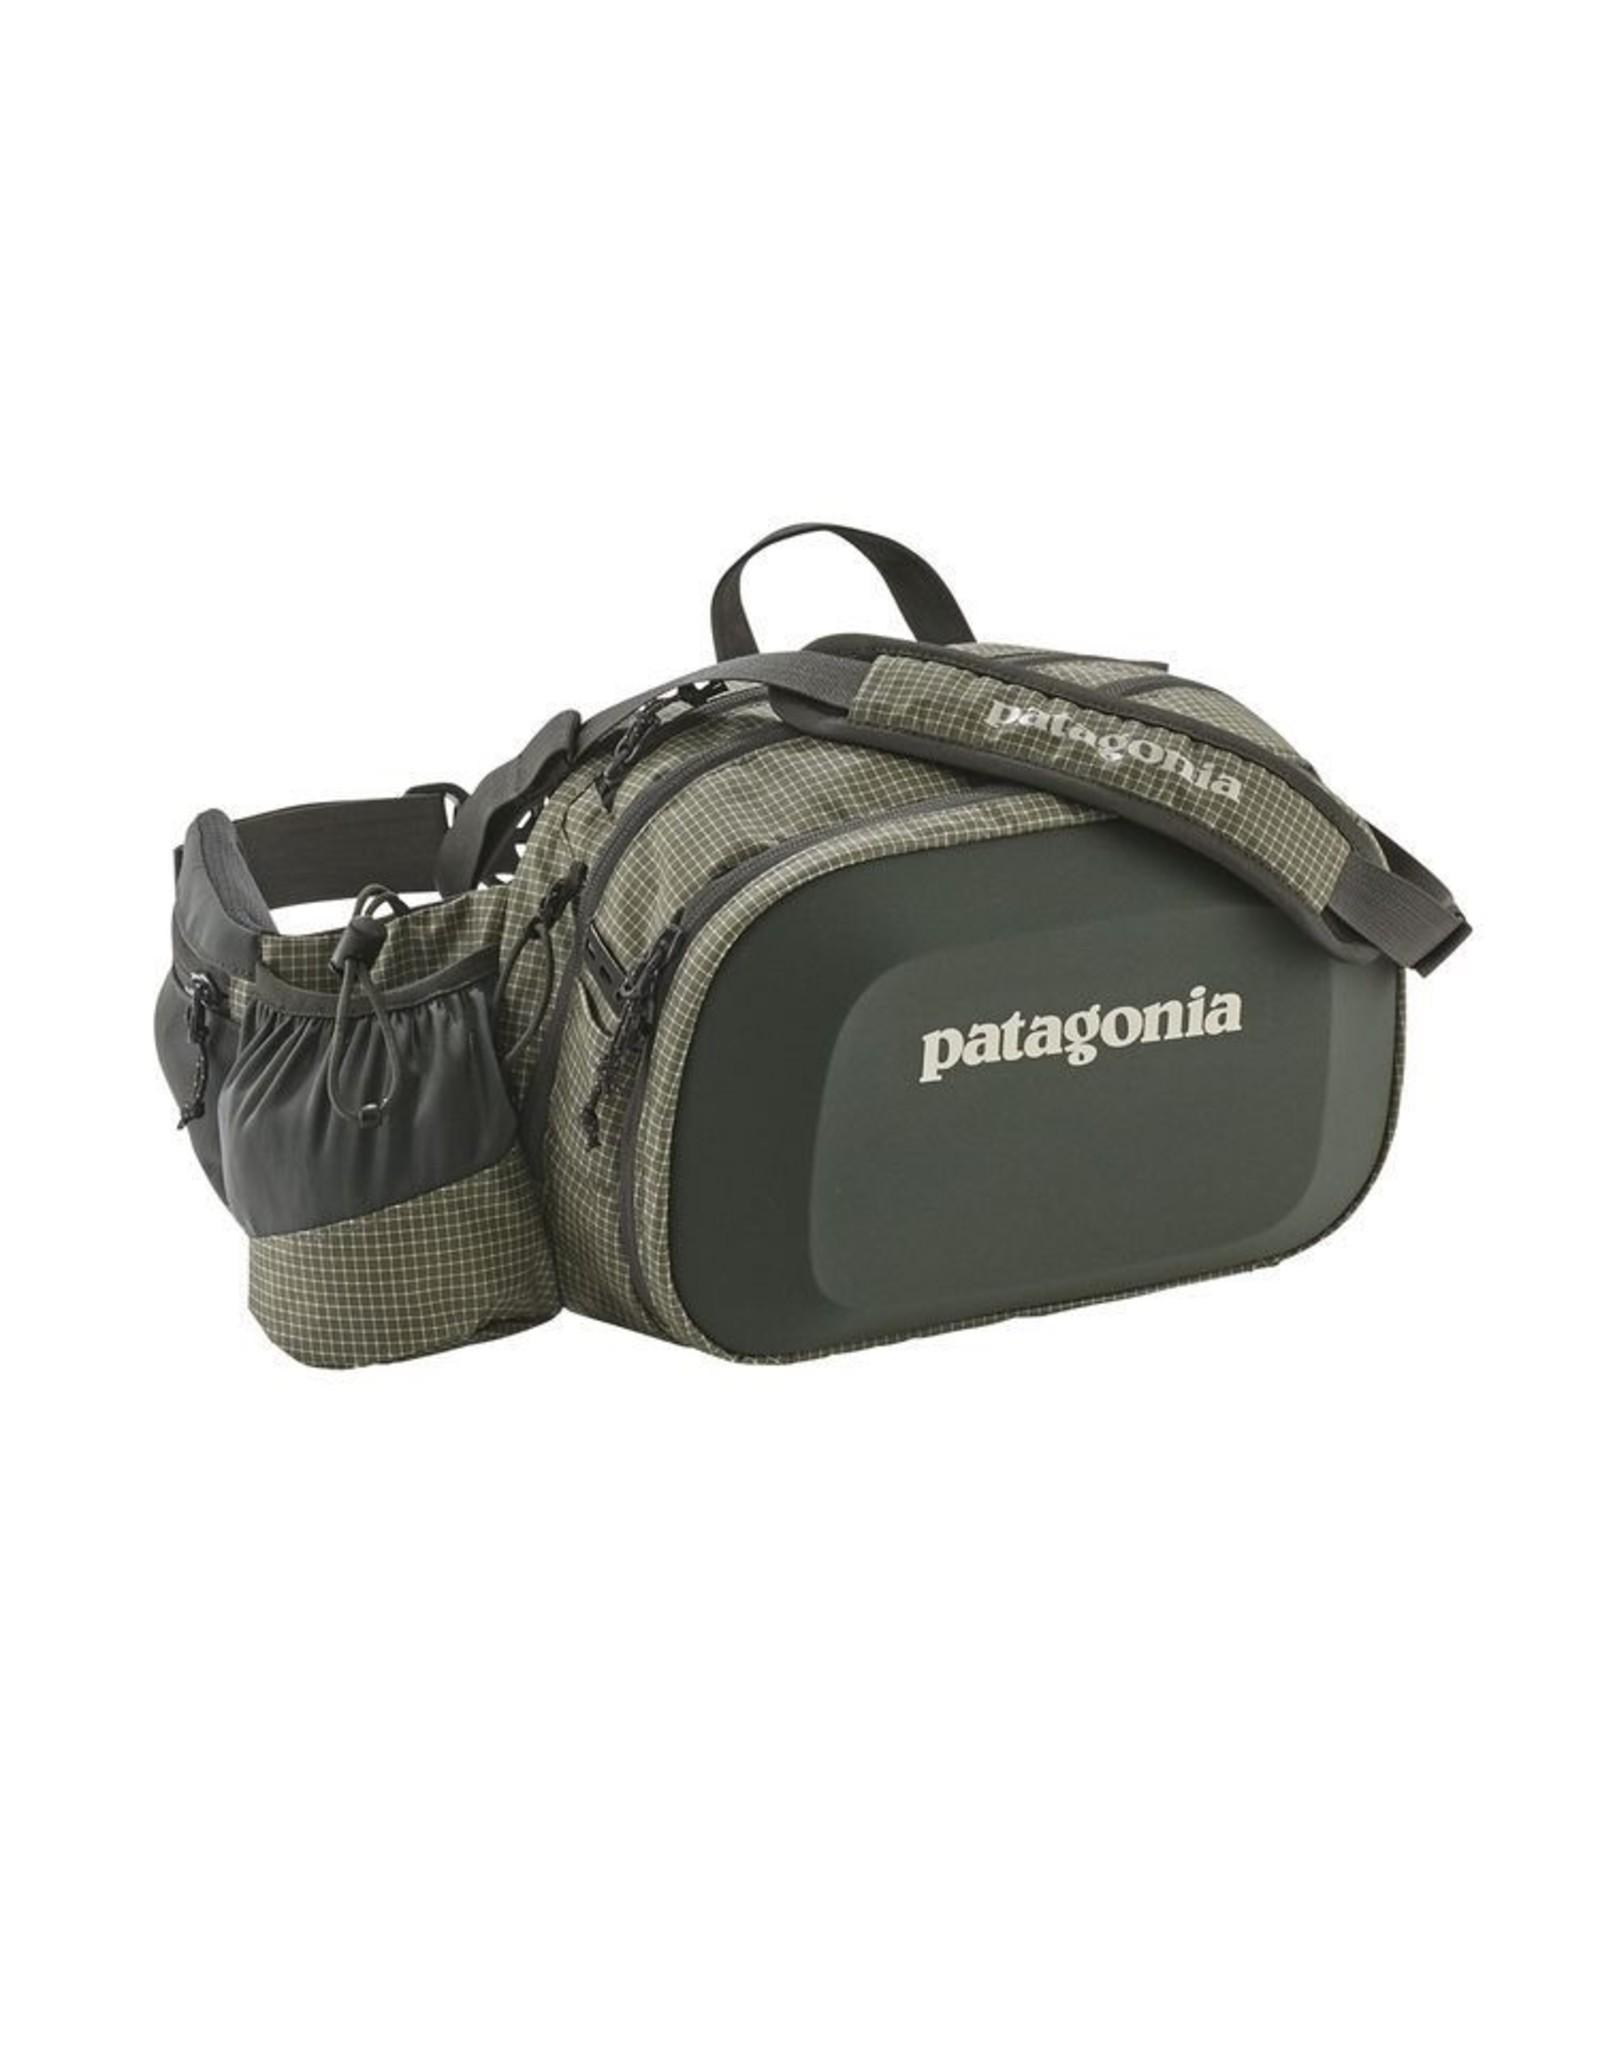 Patagonia Patagonia Stealth Hip Pack 10L